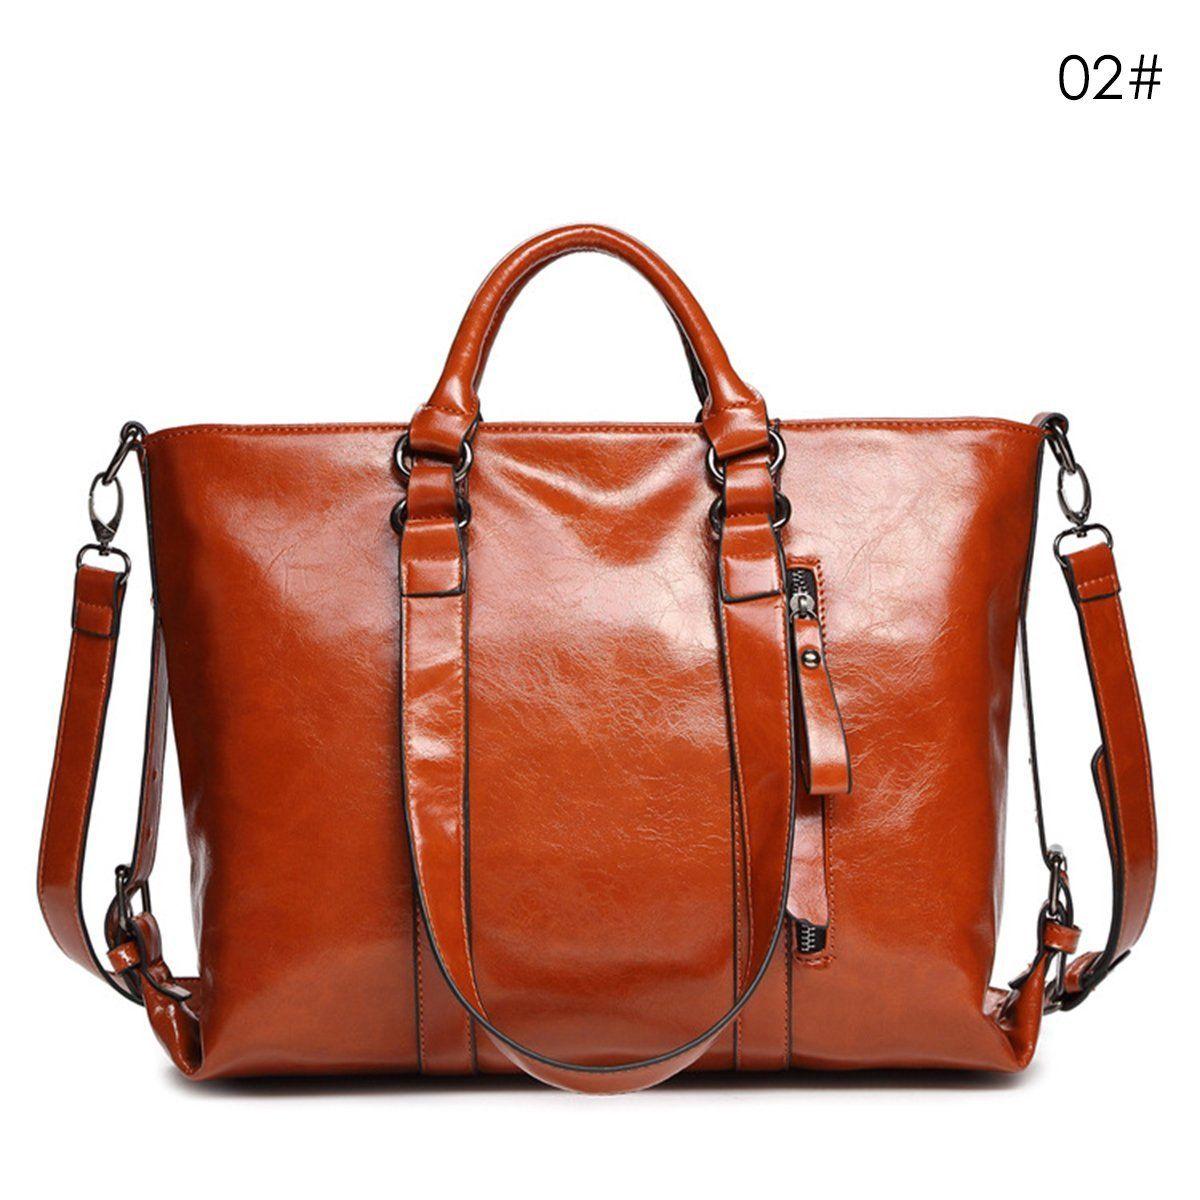 Fashion handbags for sale 36